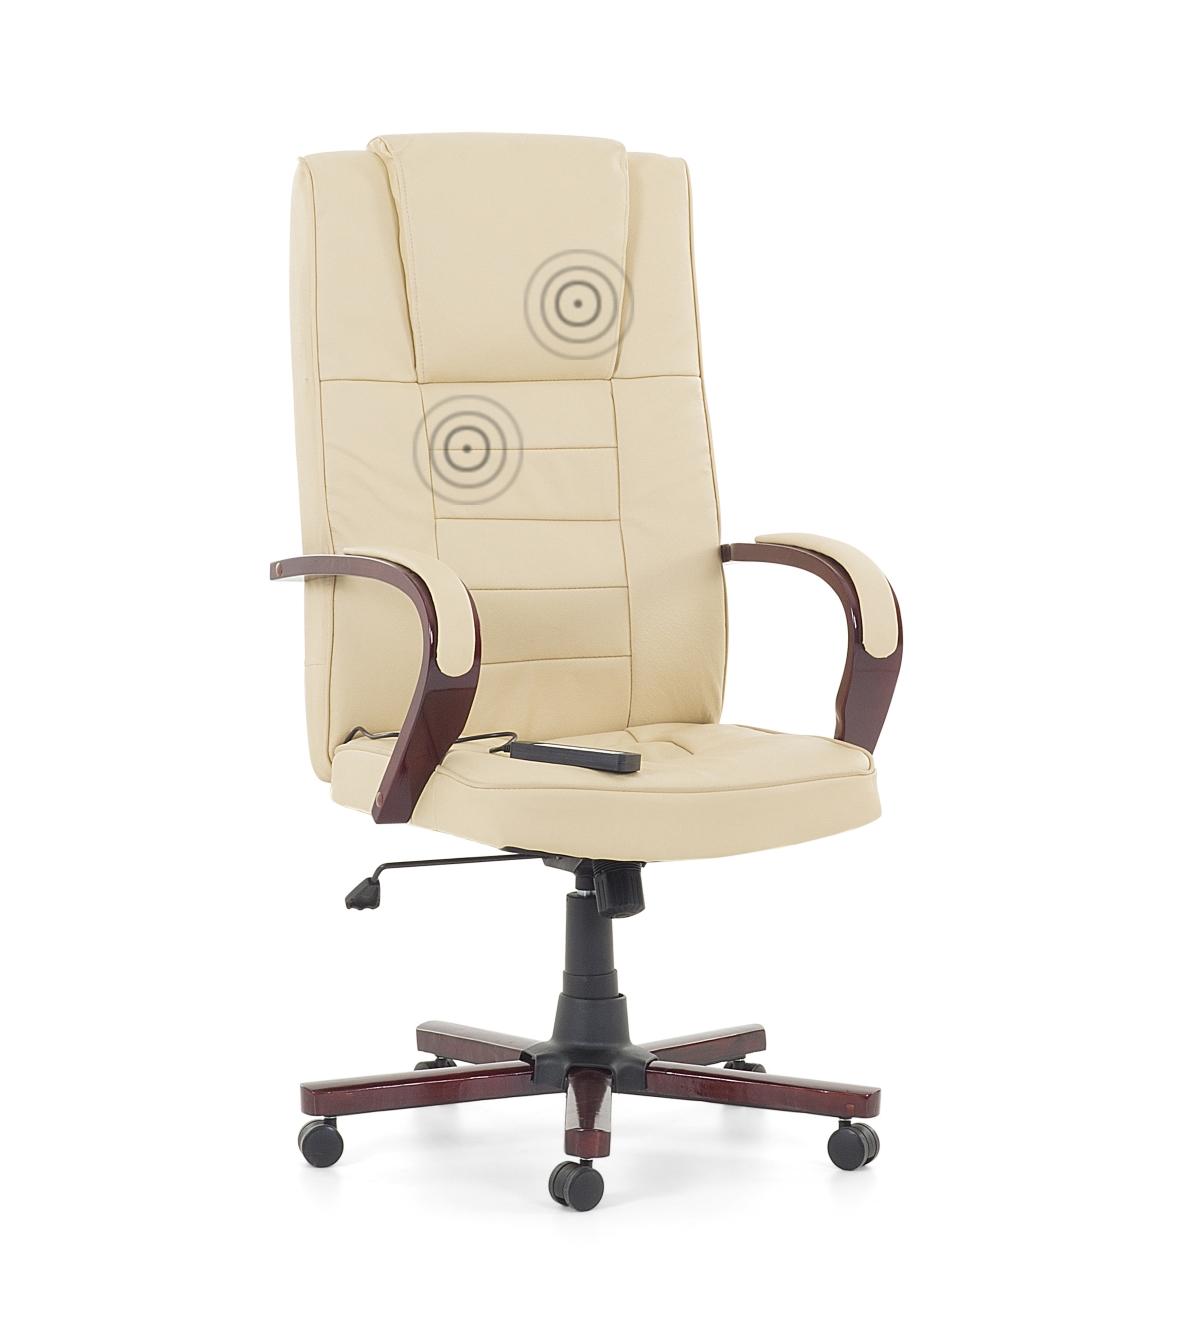 Chefsessel weiß  Leder Chefsessel Massagesessel Bürosessel weiss beige mit Massage ...